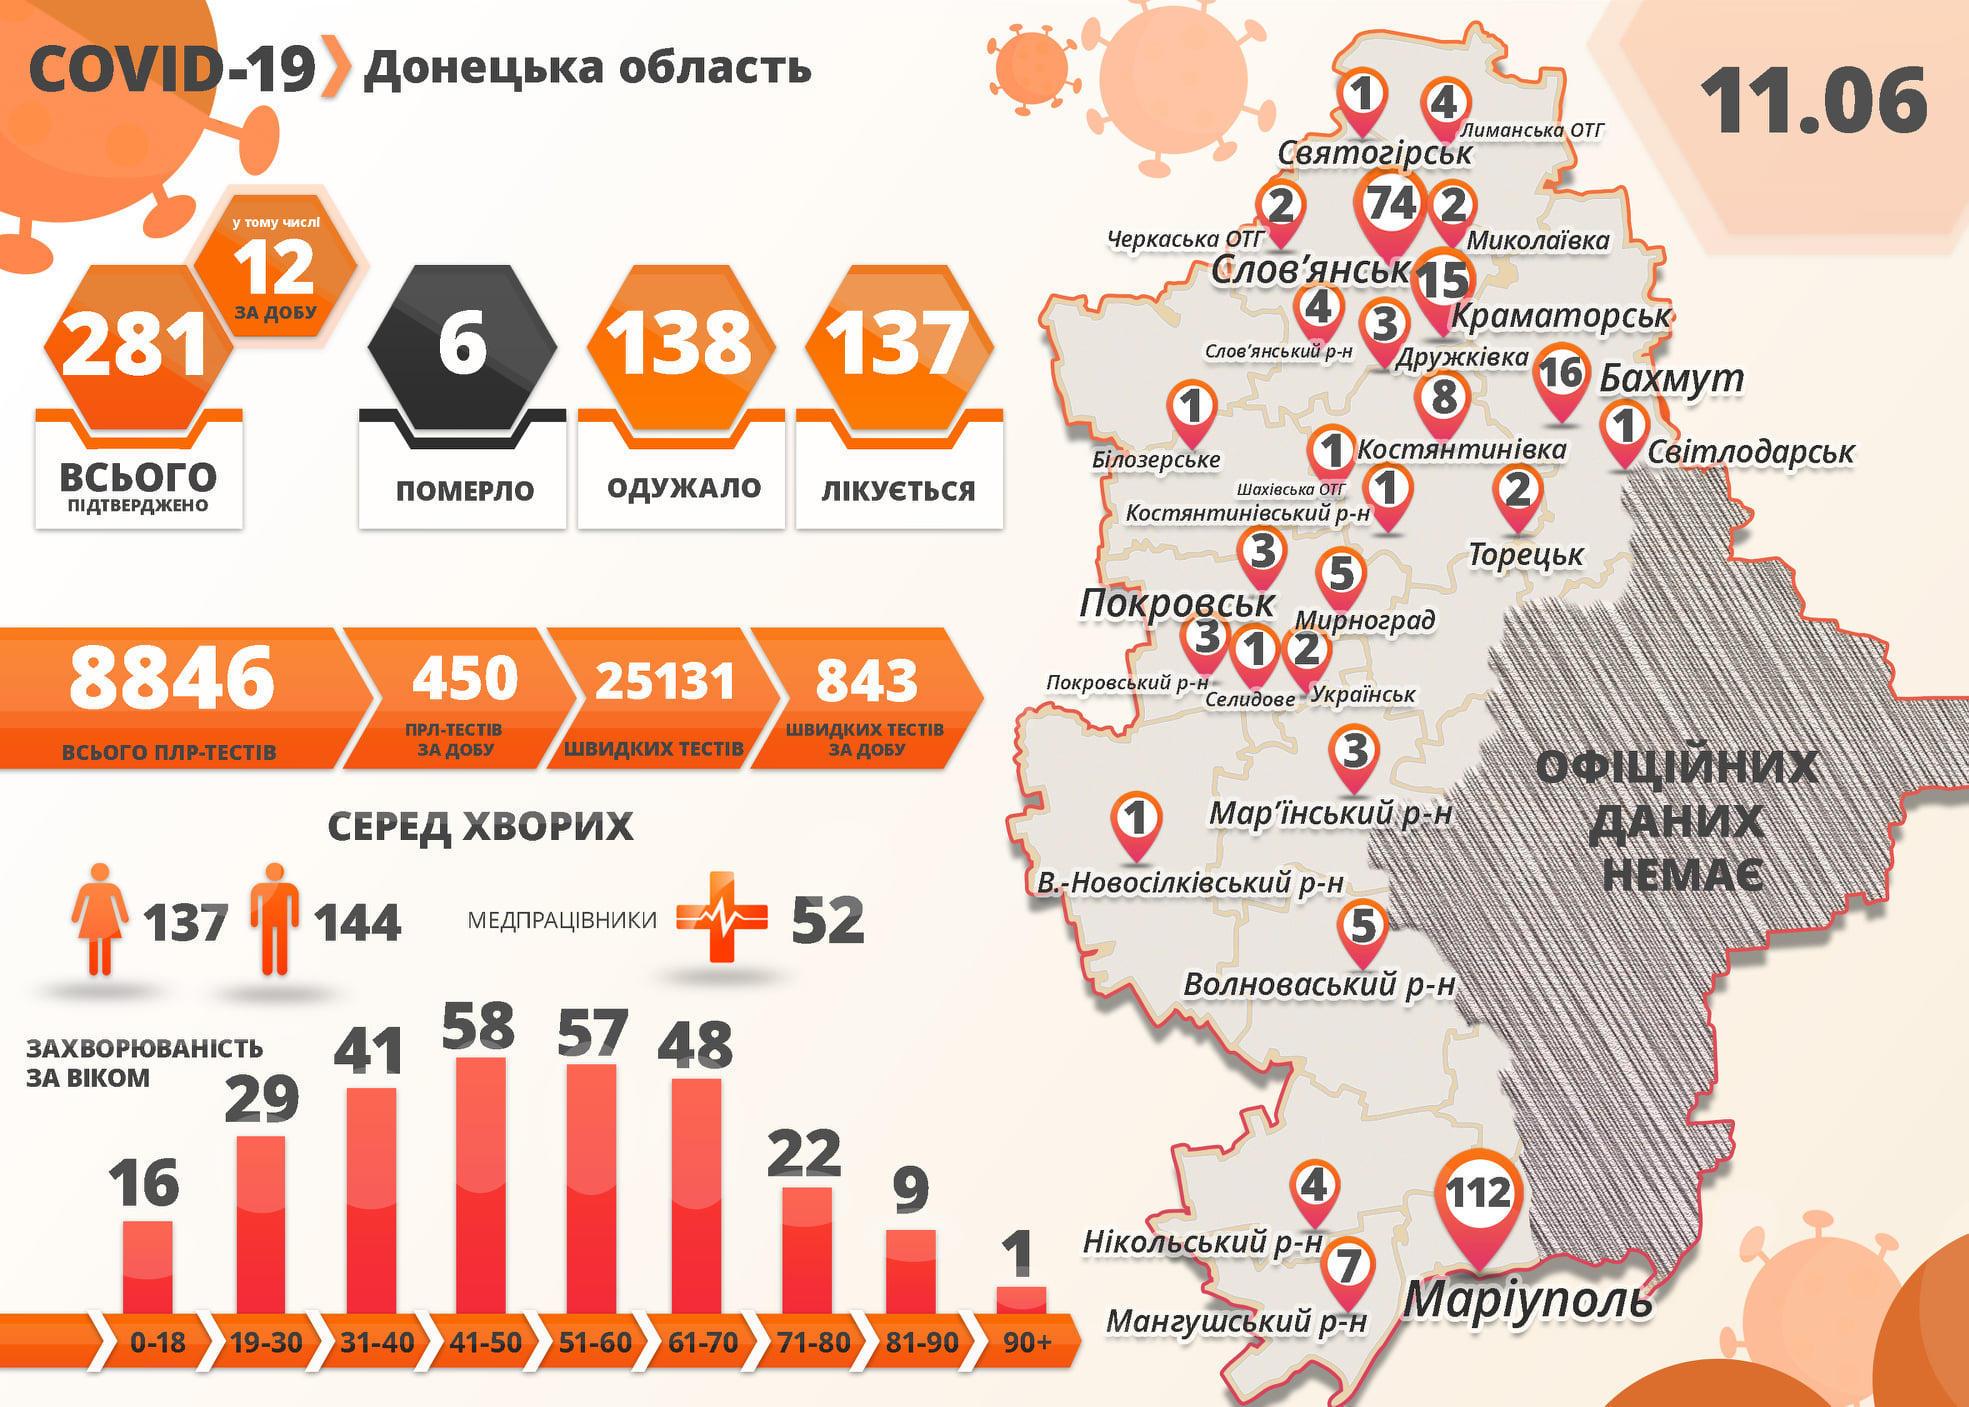 COVID-19 за добу: на підконтрольній Донеччині +12 хворих, в ОРДО померли 3 людей